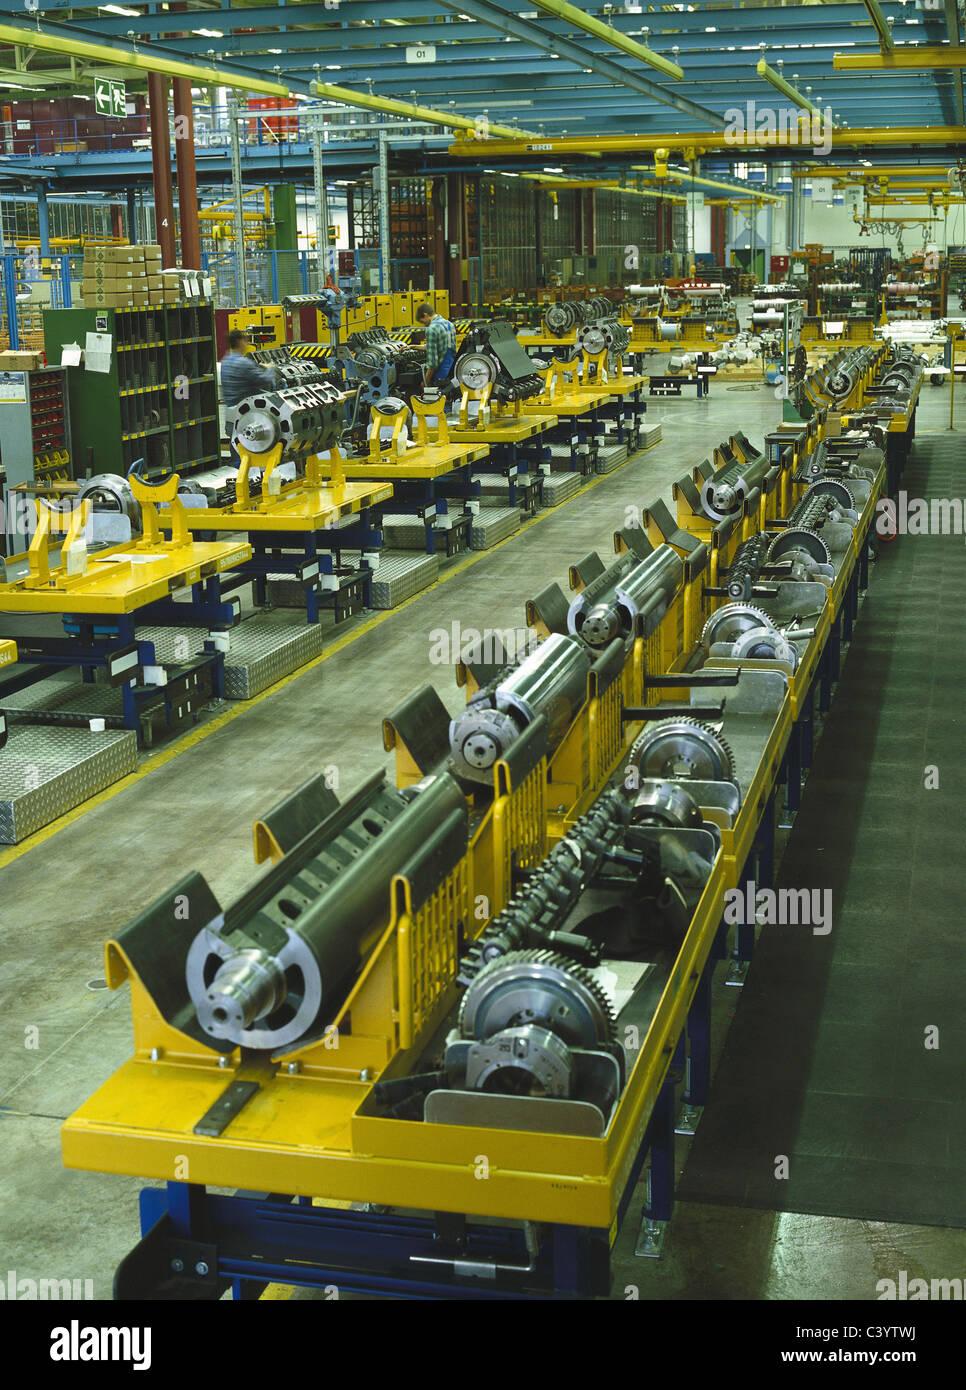 Architektur, Montage, Montage, Gebäude, Bau, Wirtschaft, Technik, Europa, europäische, Fabriken, Fabrik, Stockbild